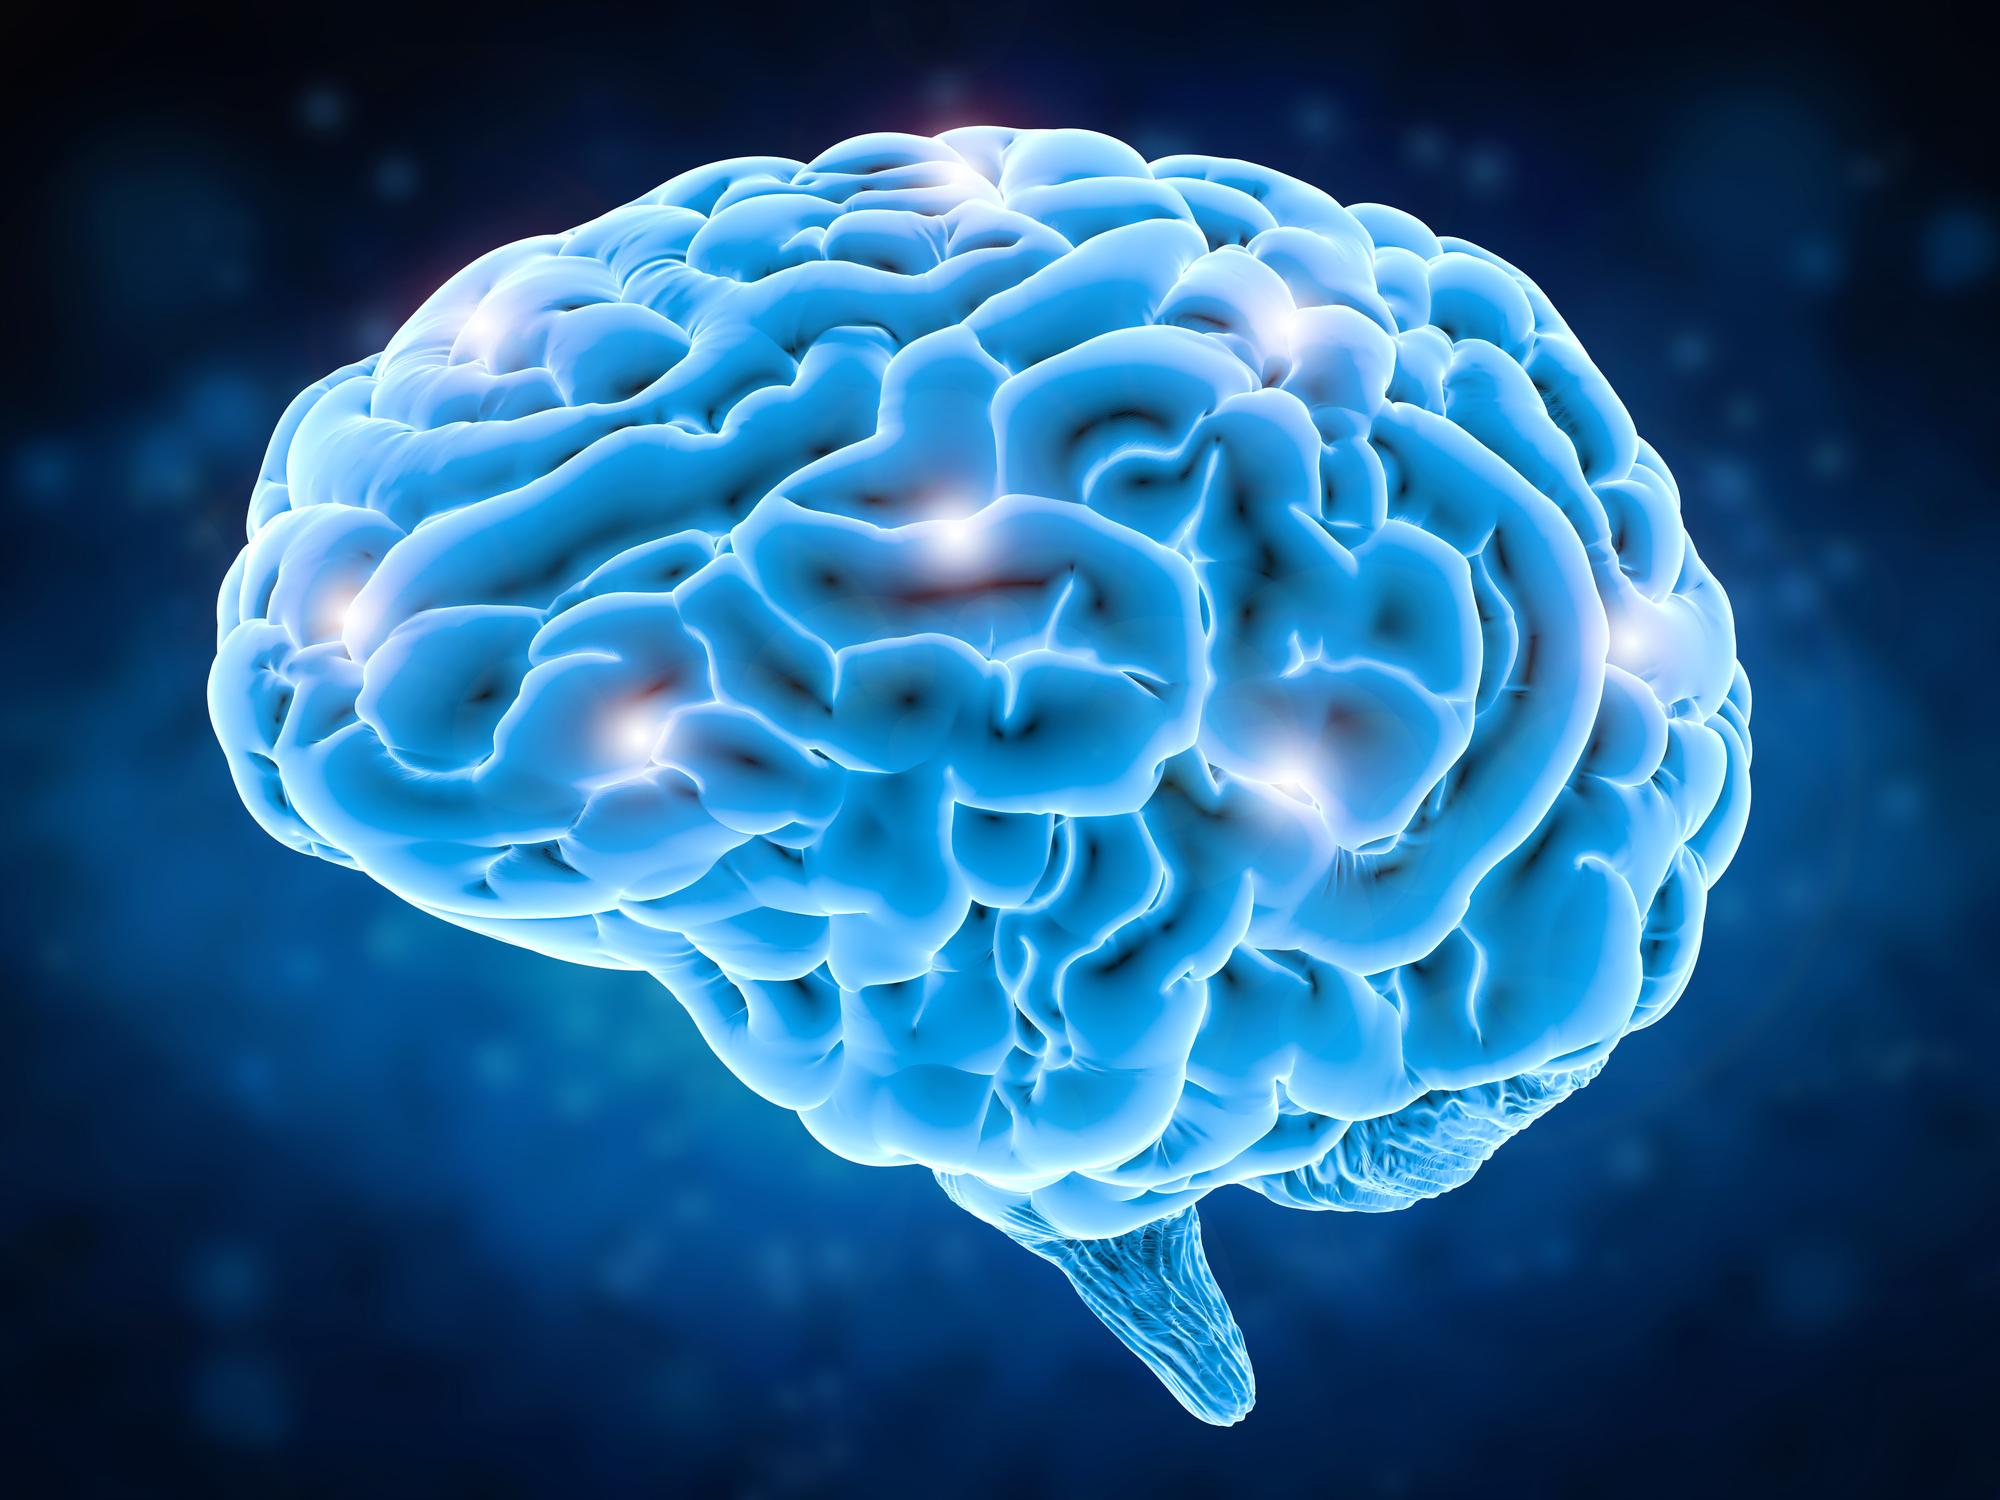 Epilepsy: